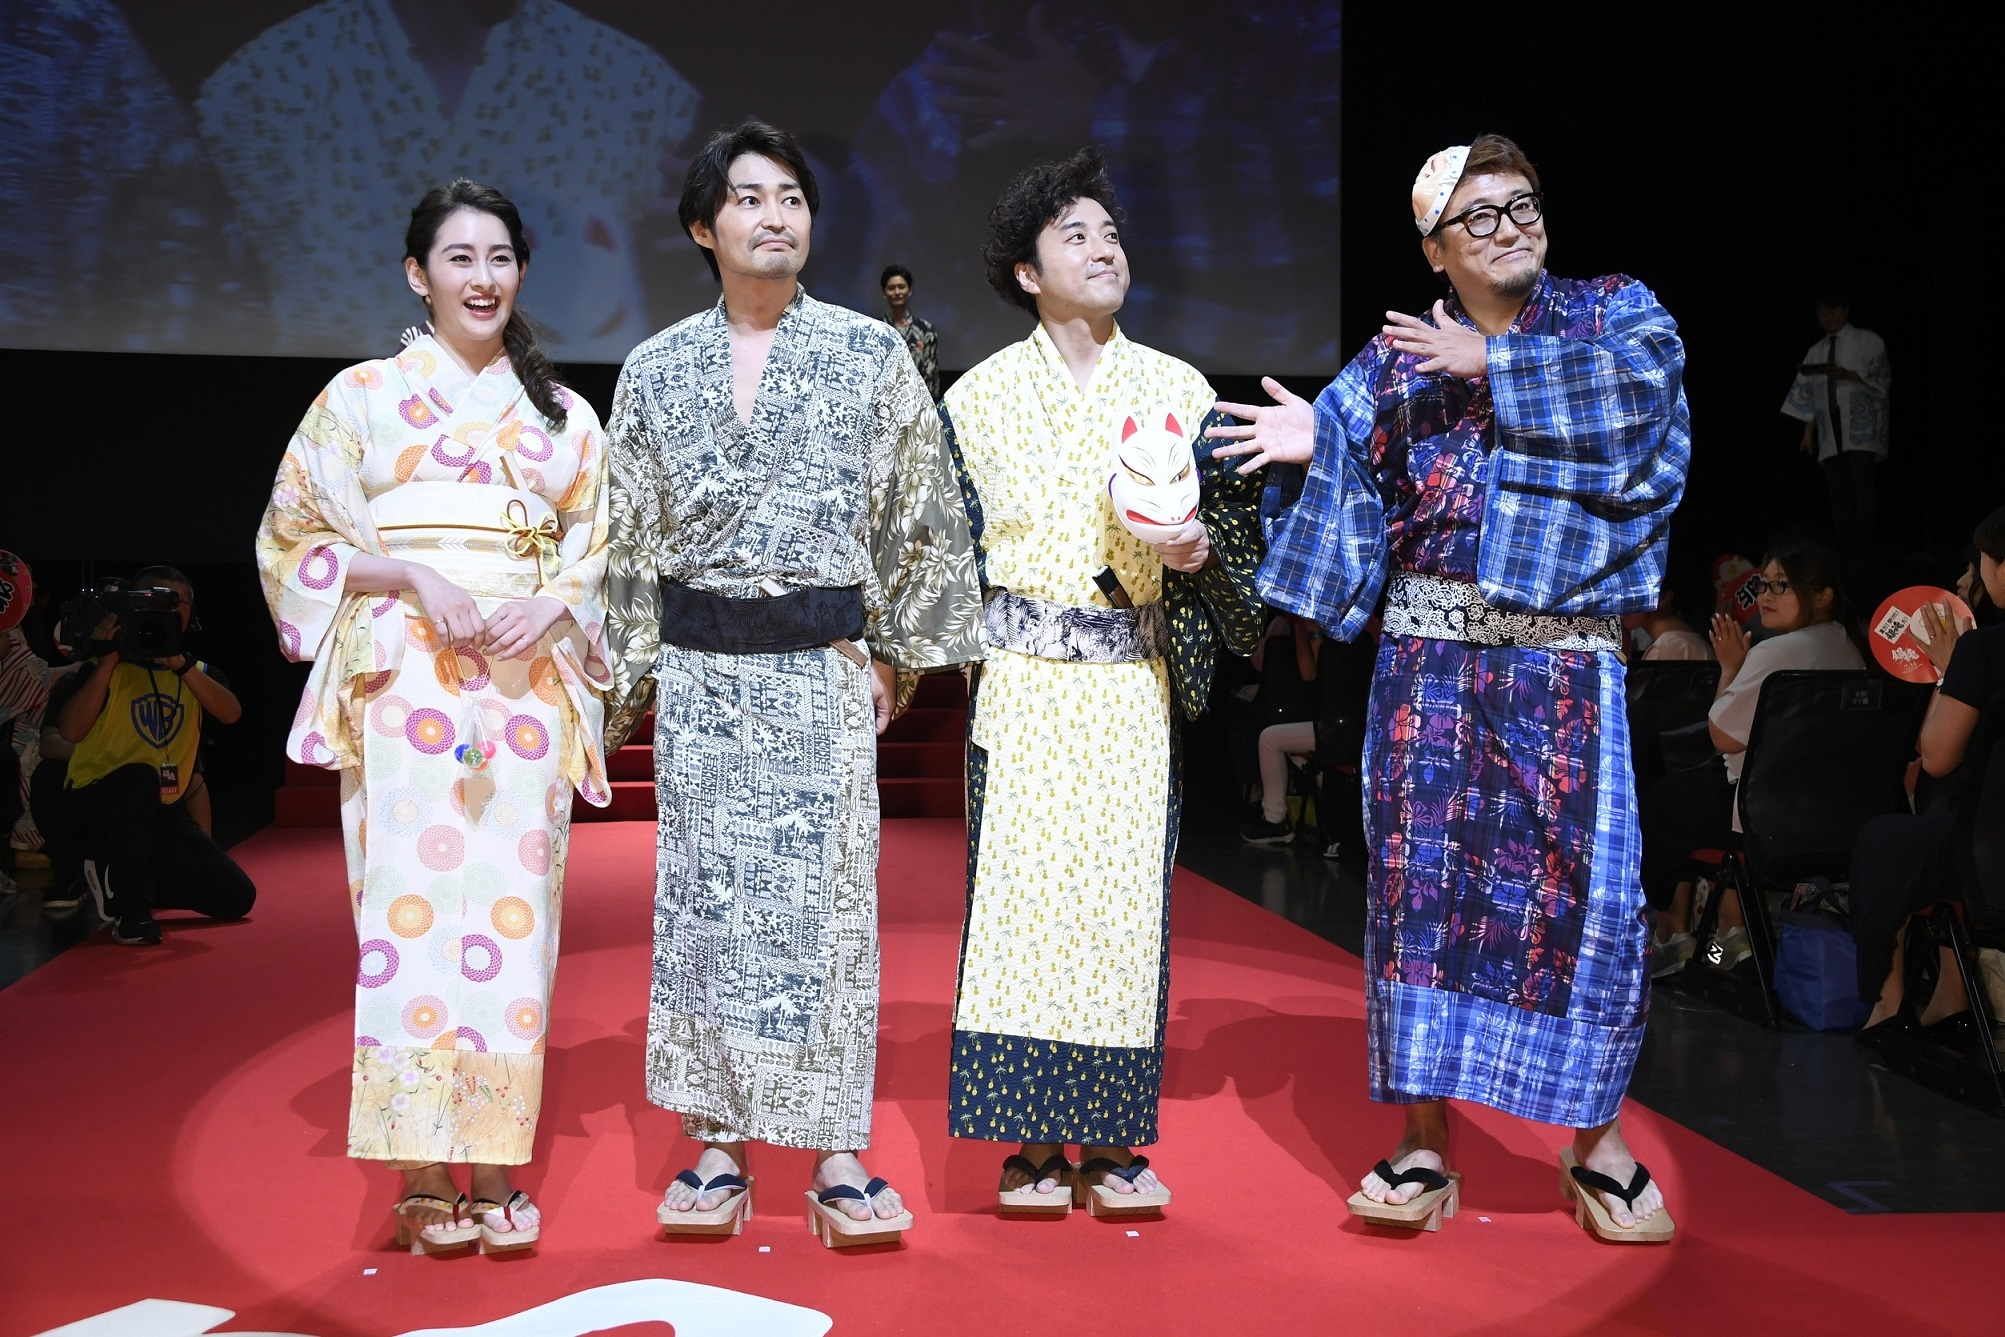 左から、早見あかり、安田顕、ムロツヨシ、福田雄一監督